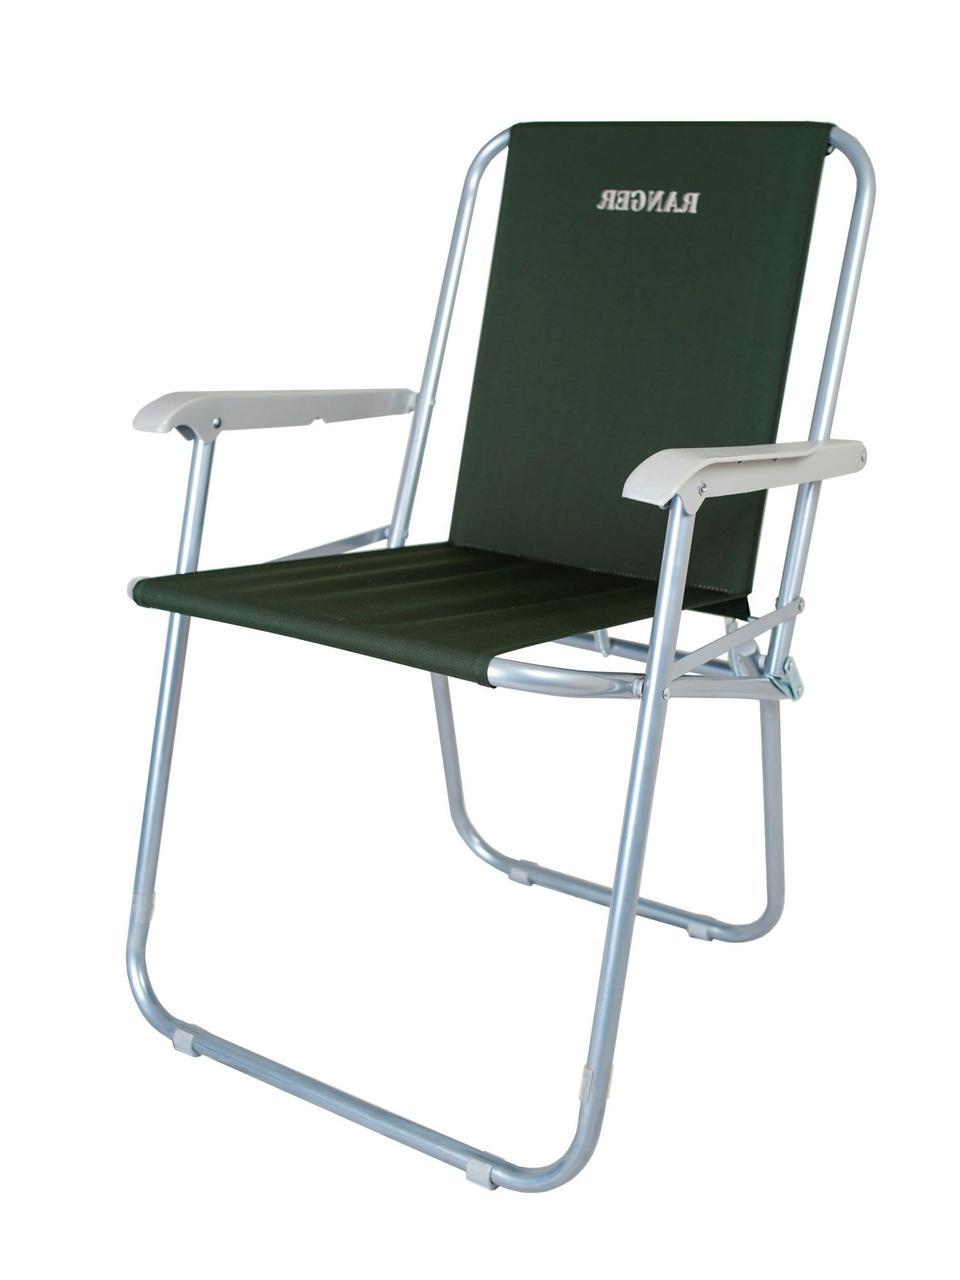 Крісло доладне Ranger FC-040 до 120 кг